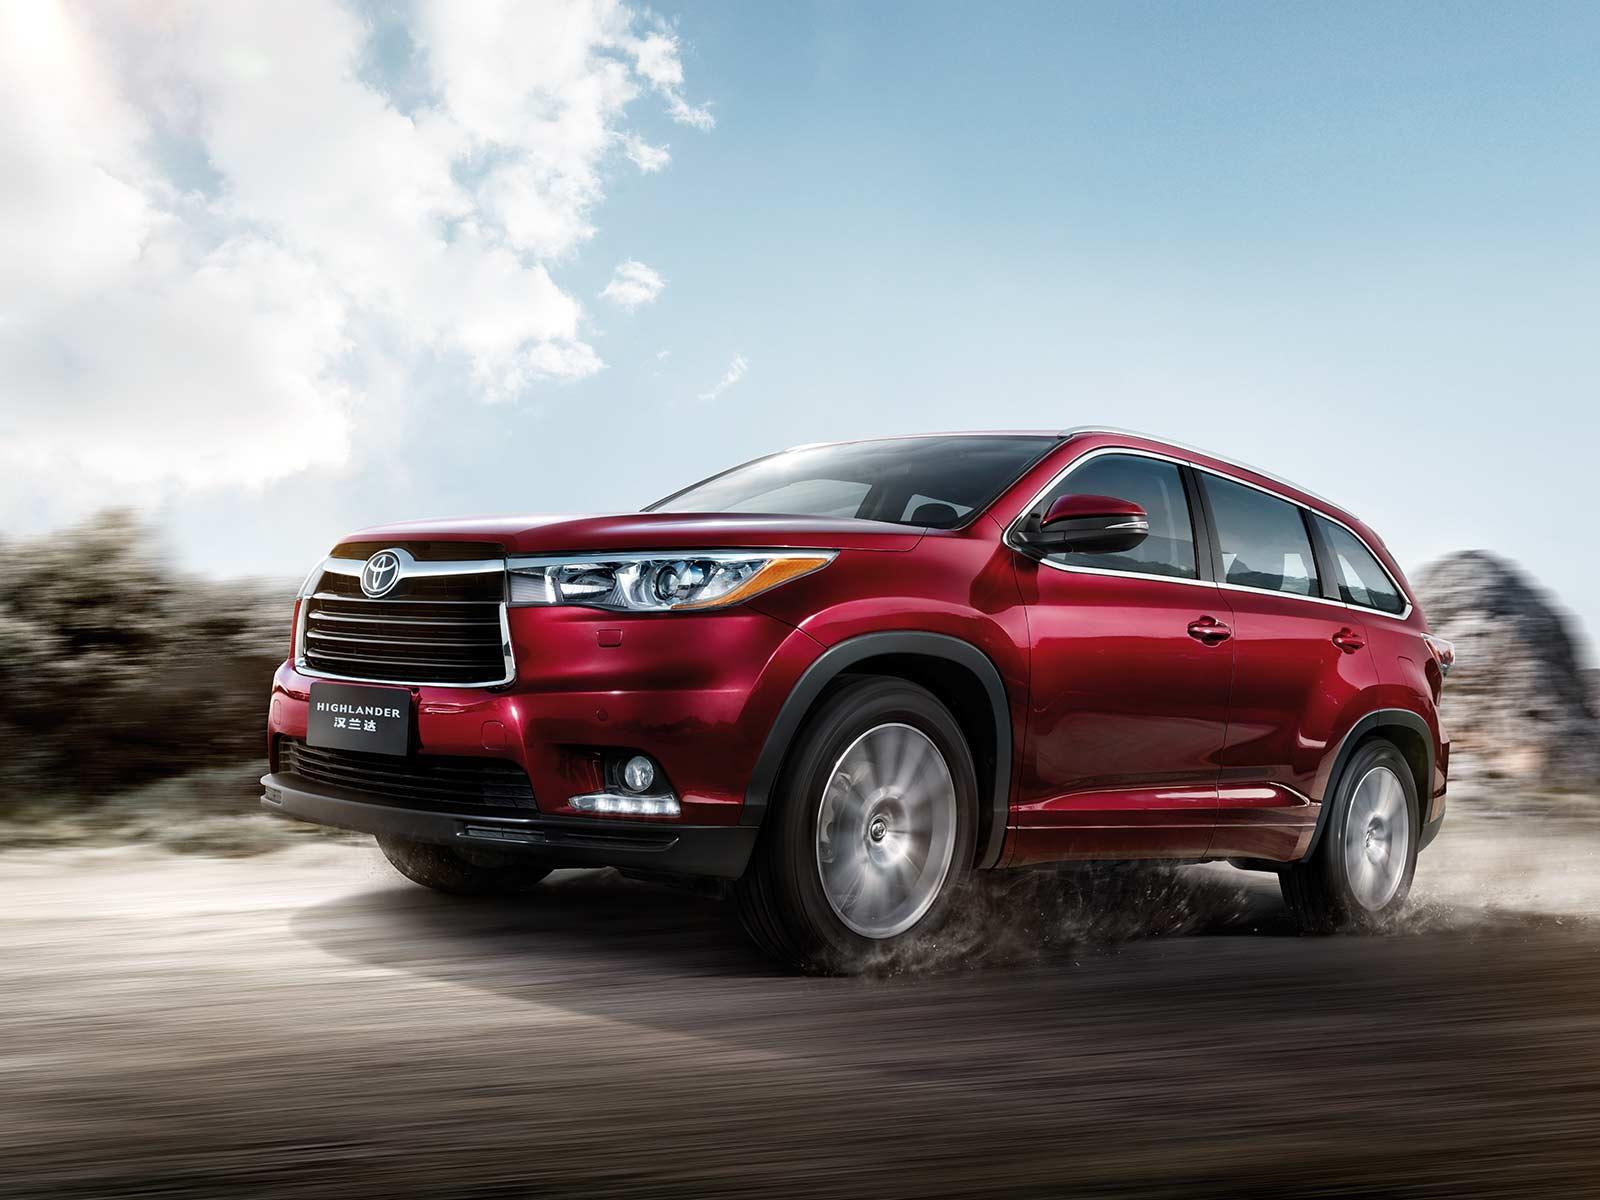 丰田奕泽、C-HR等10款新SUV即将上市 最低15万估计能挑花眼